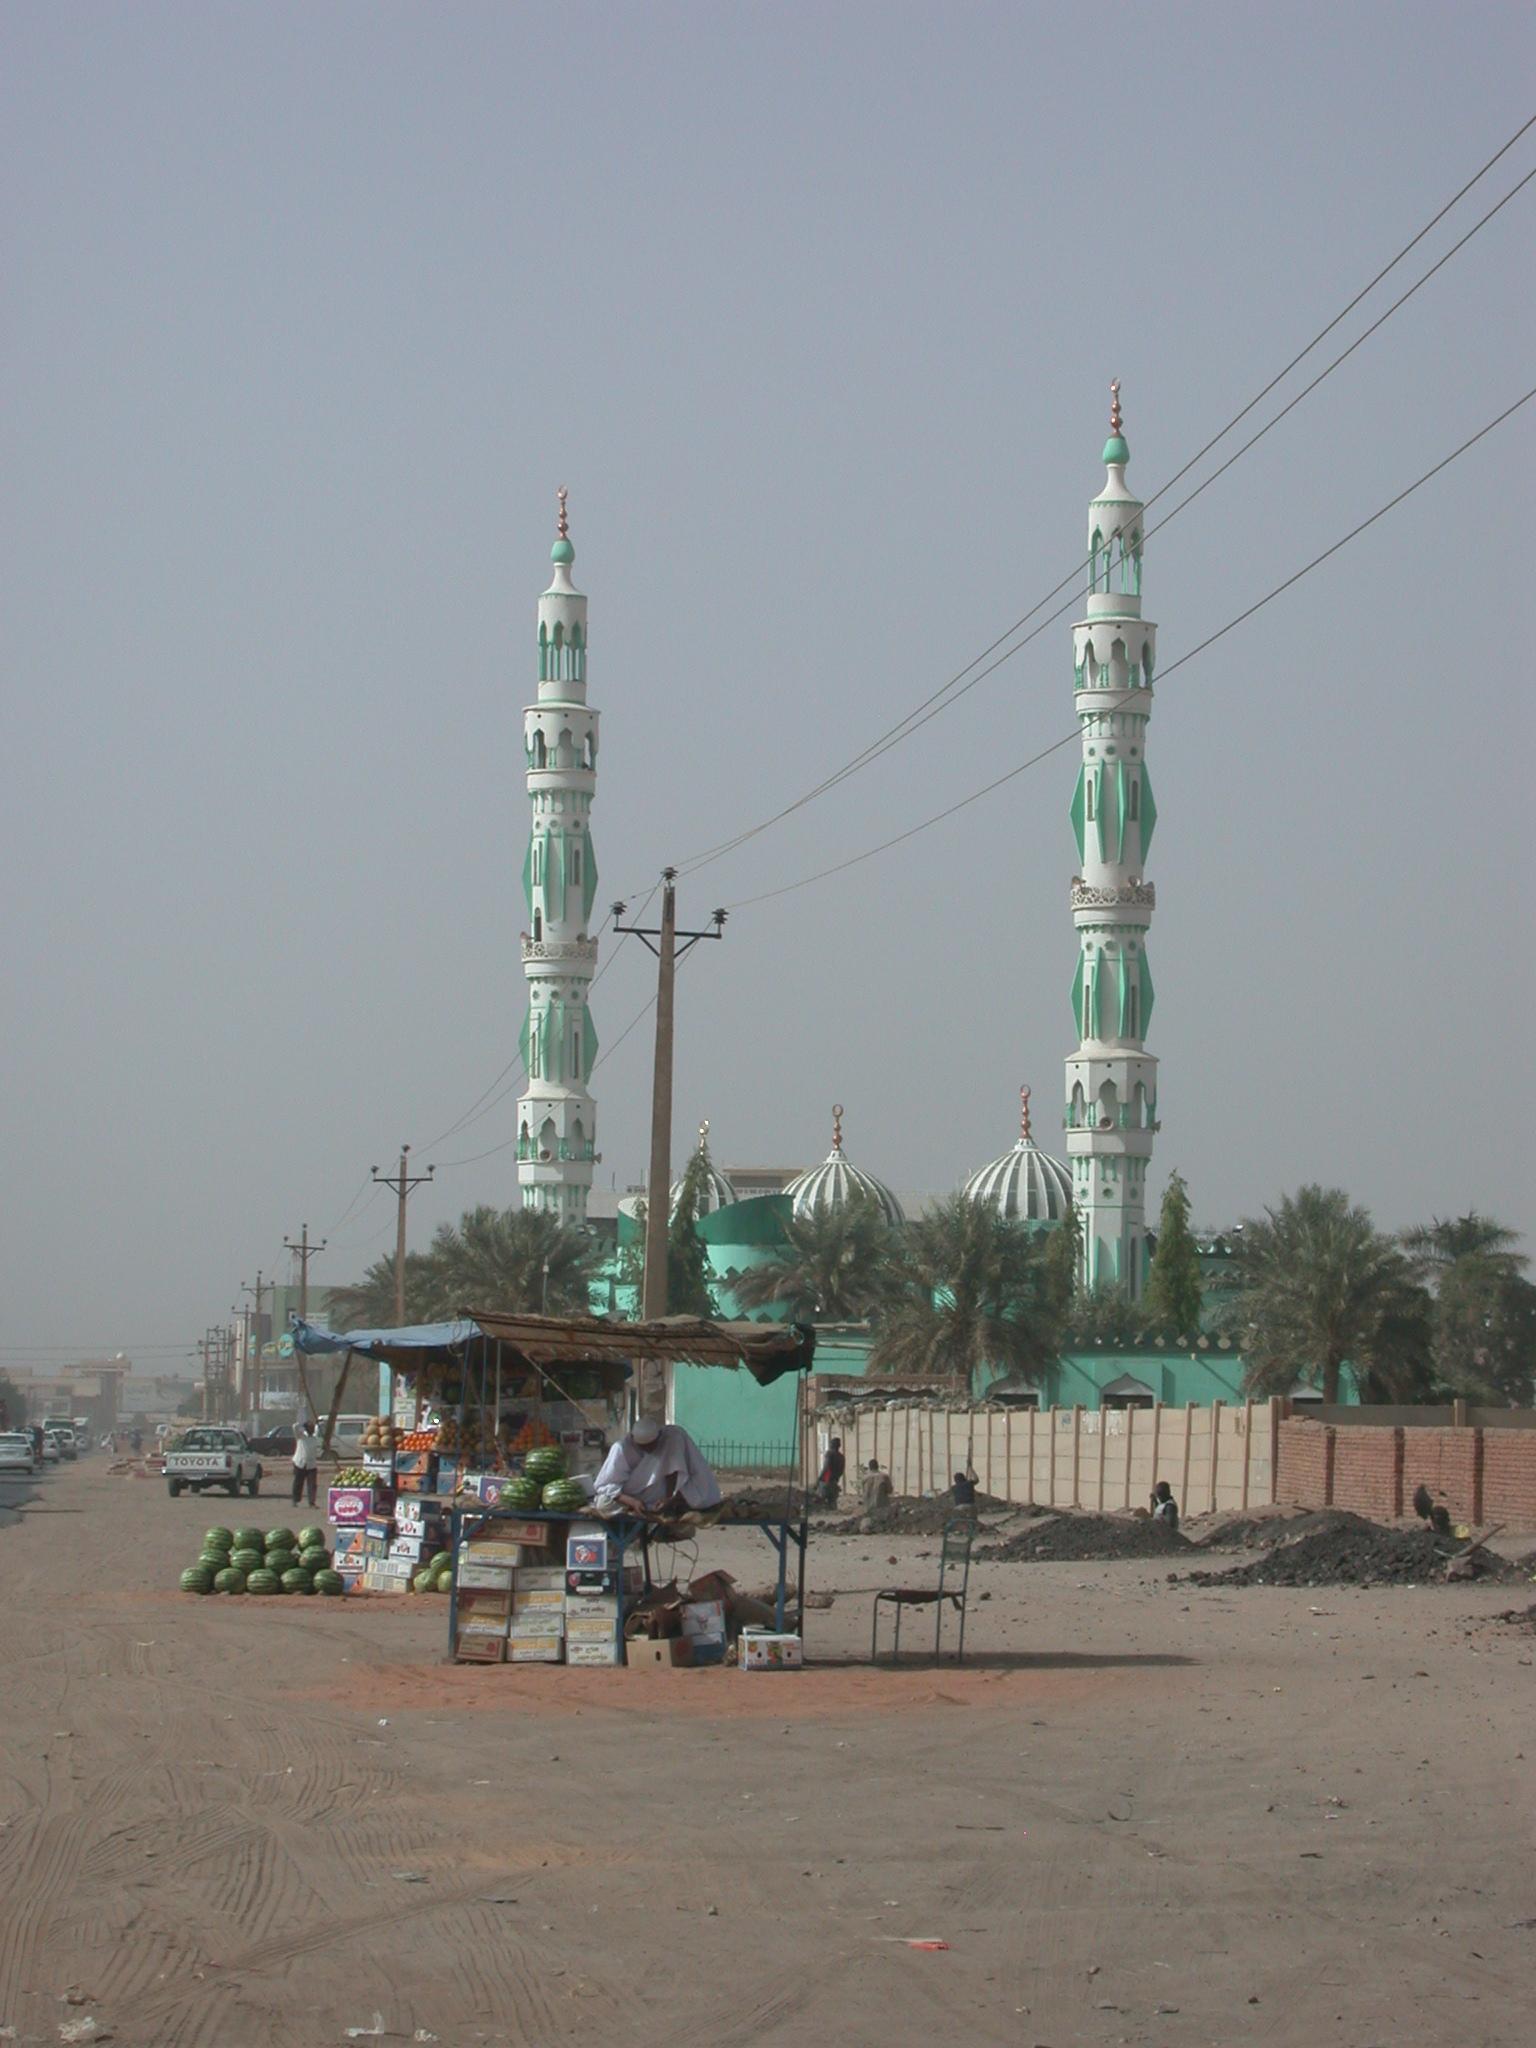 Mosque, Khartoum, Sudan